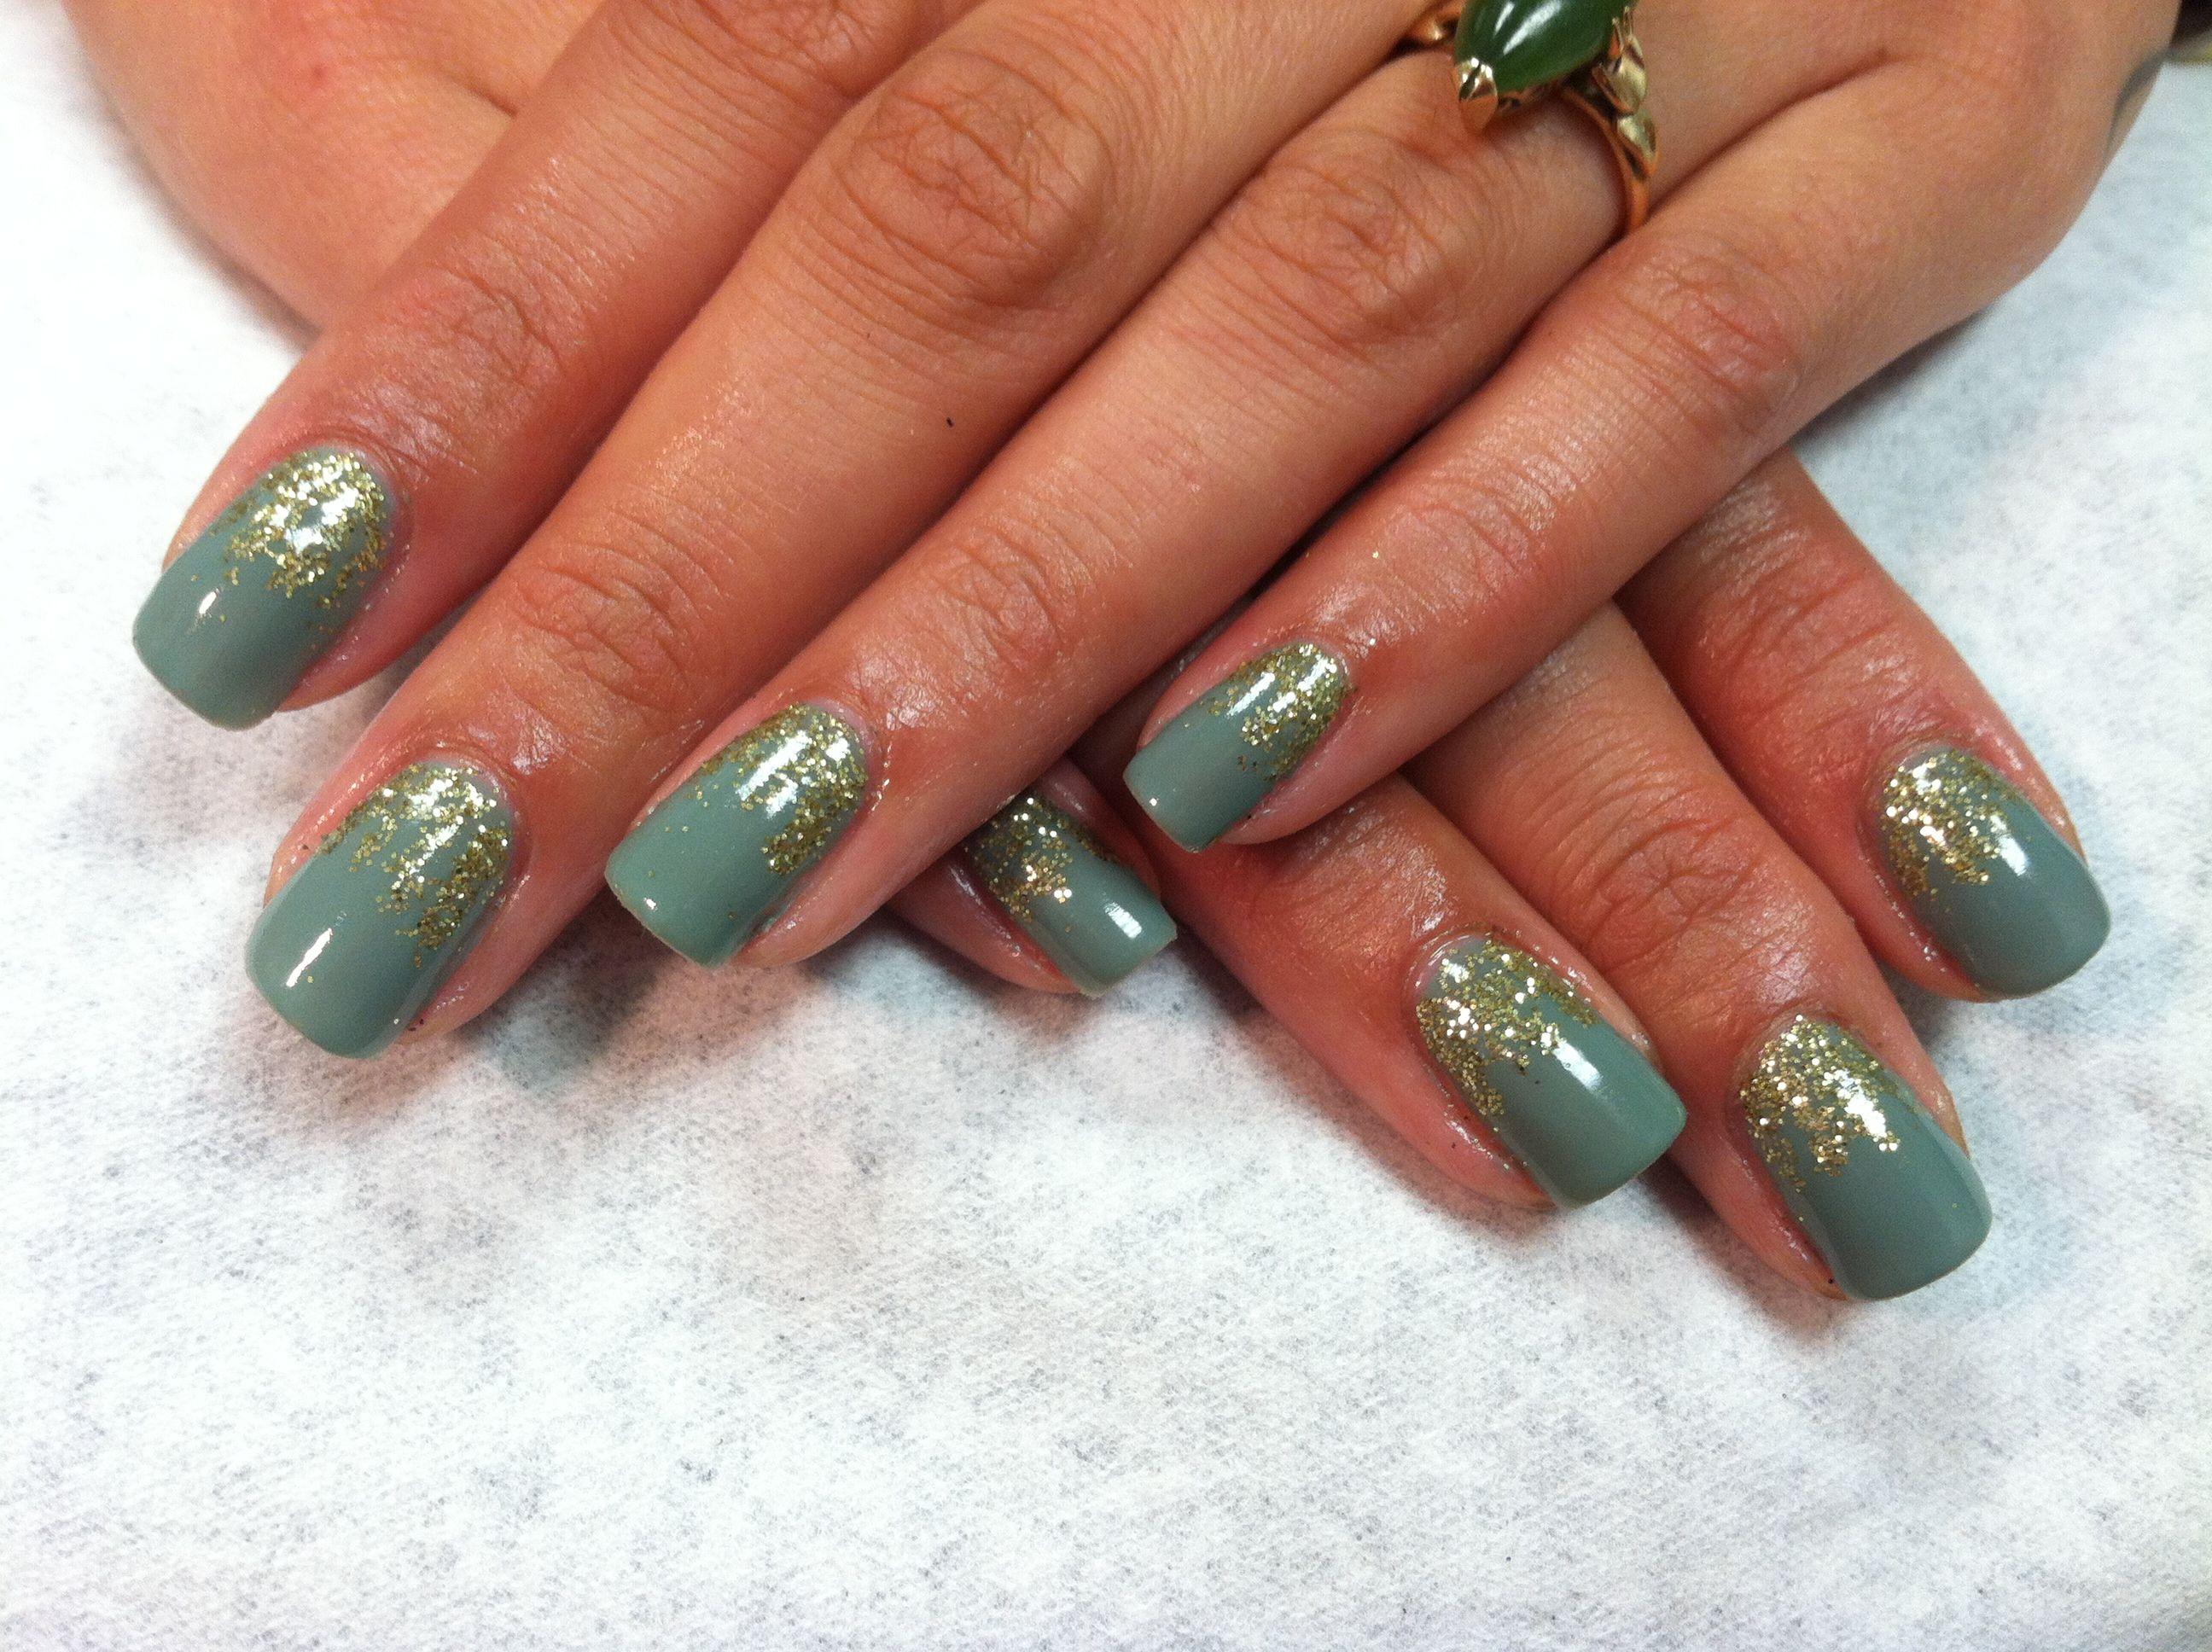 Green gold glitter shellac nails   Hair & Beauty   Pinterest